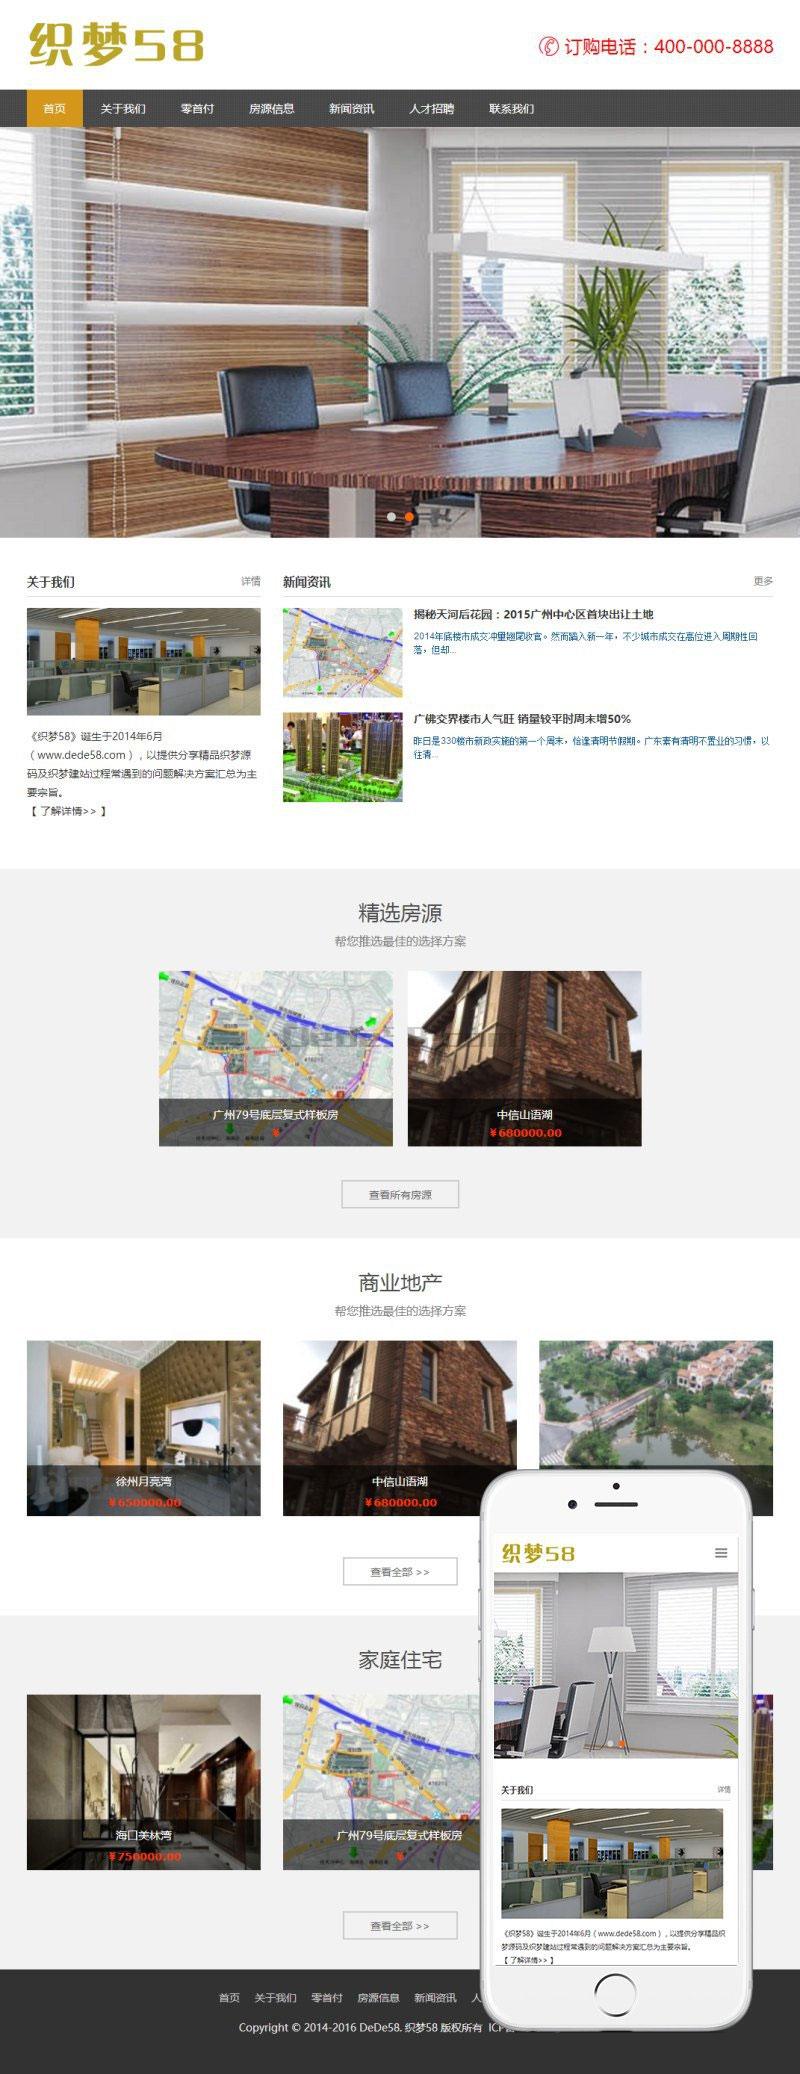 响应式房产中介房产代理公司网站 织梦dedecms模板-律白资源博客